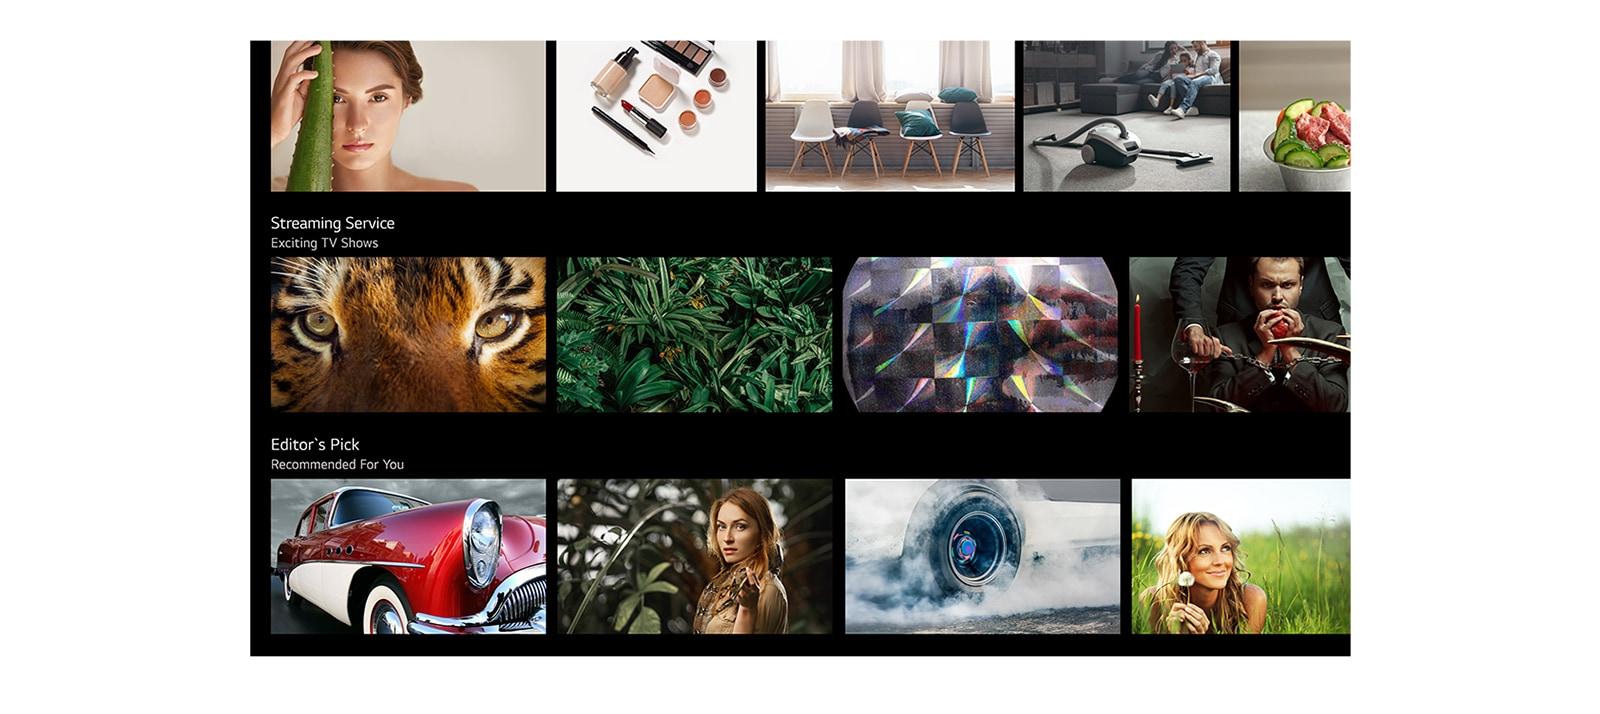 Màn hình TV hiển thị các nội dung khác nhau được liệt kê và đề xuất bởi LG ThinQ AI